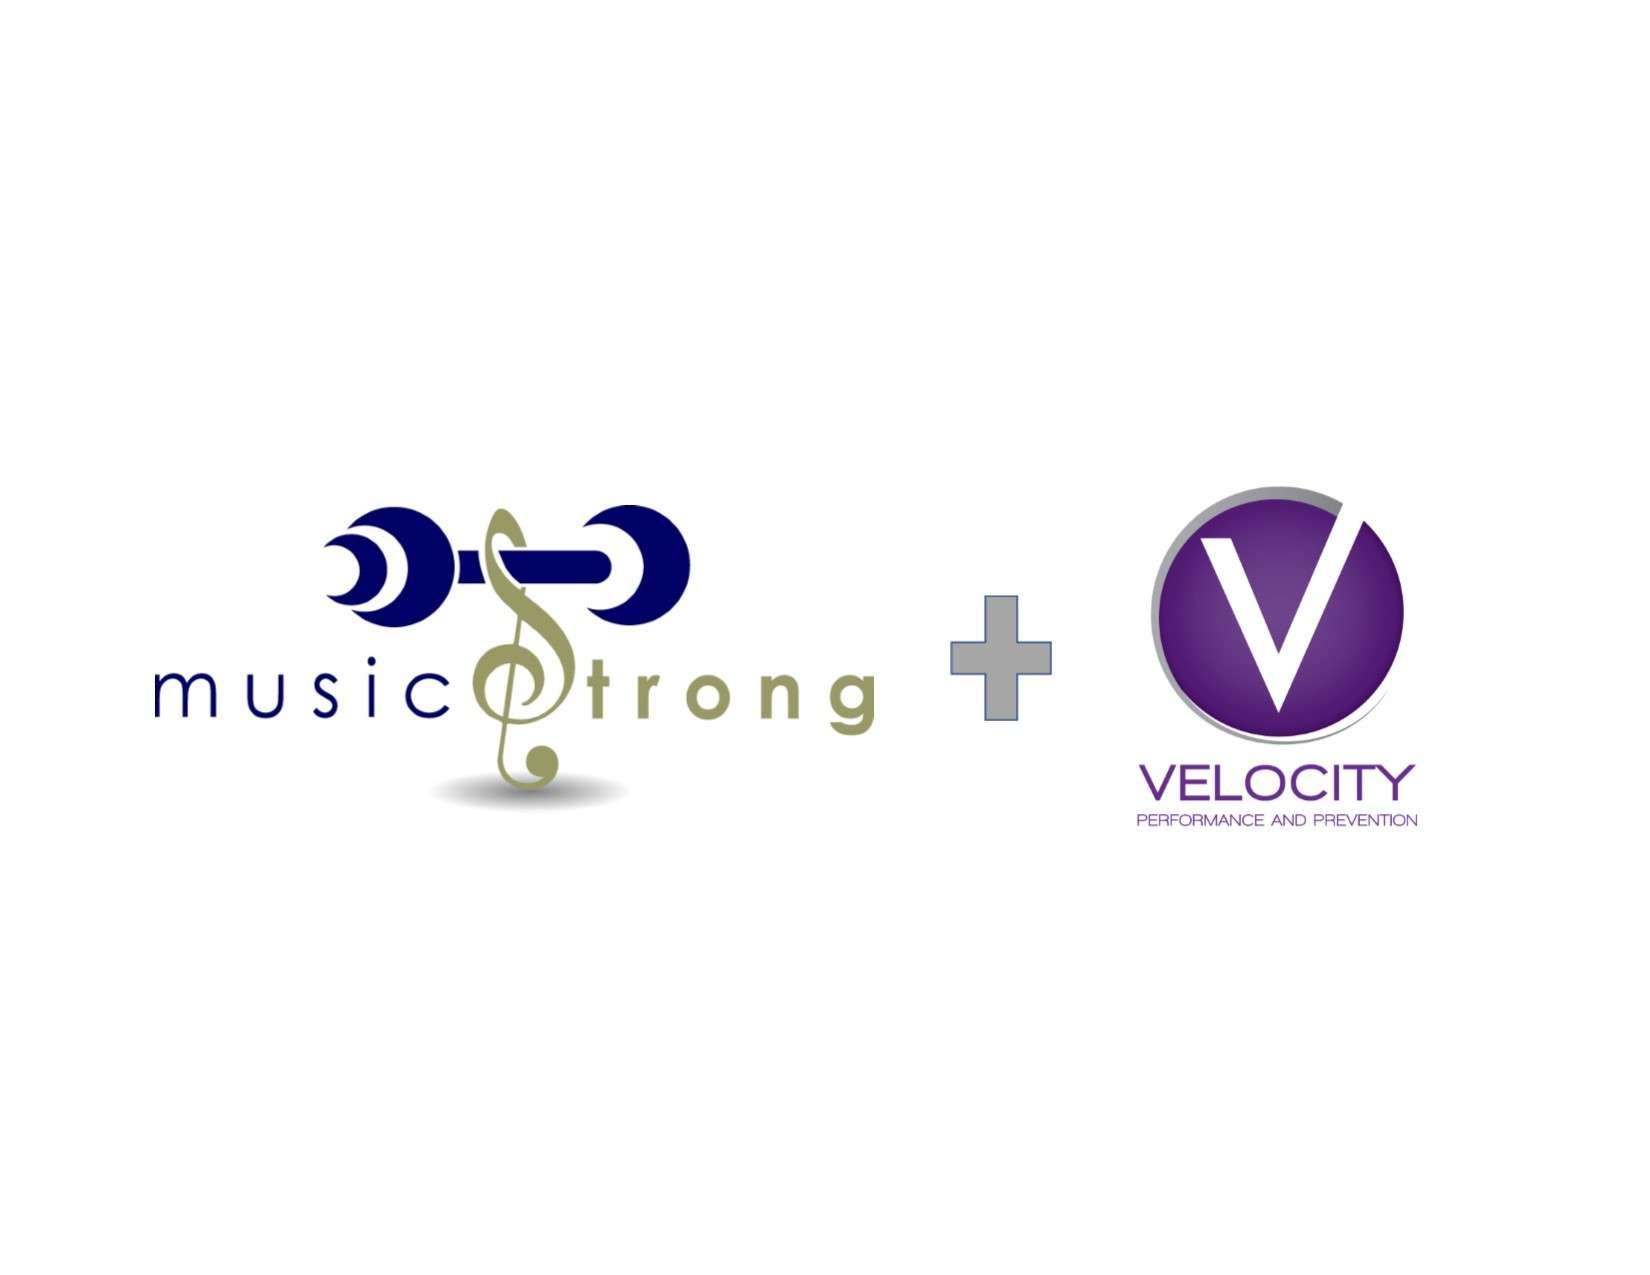 http://velocityprevention.com/wellness-services/